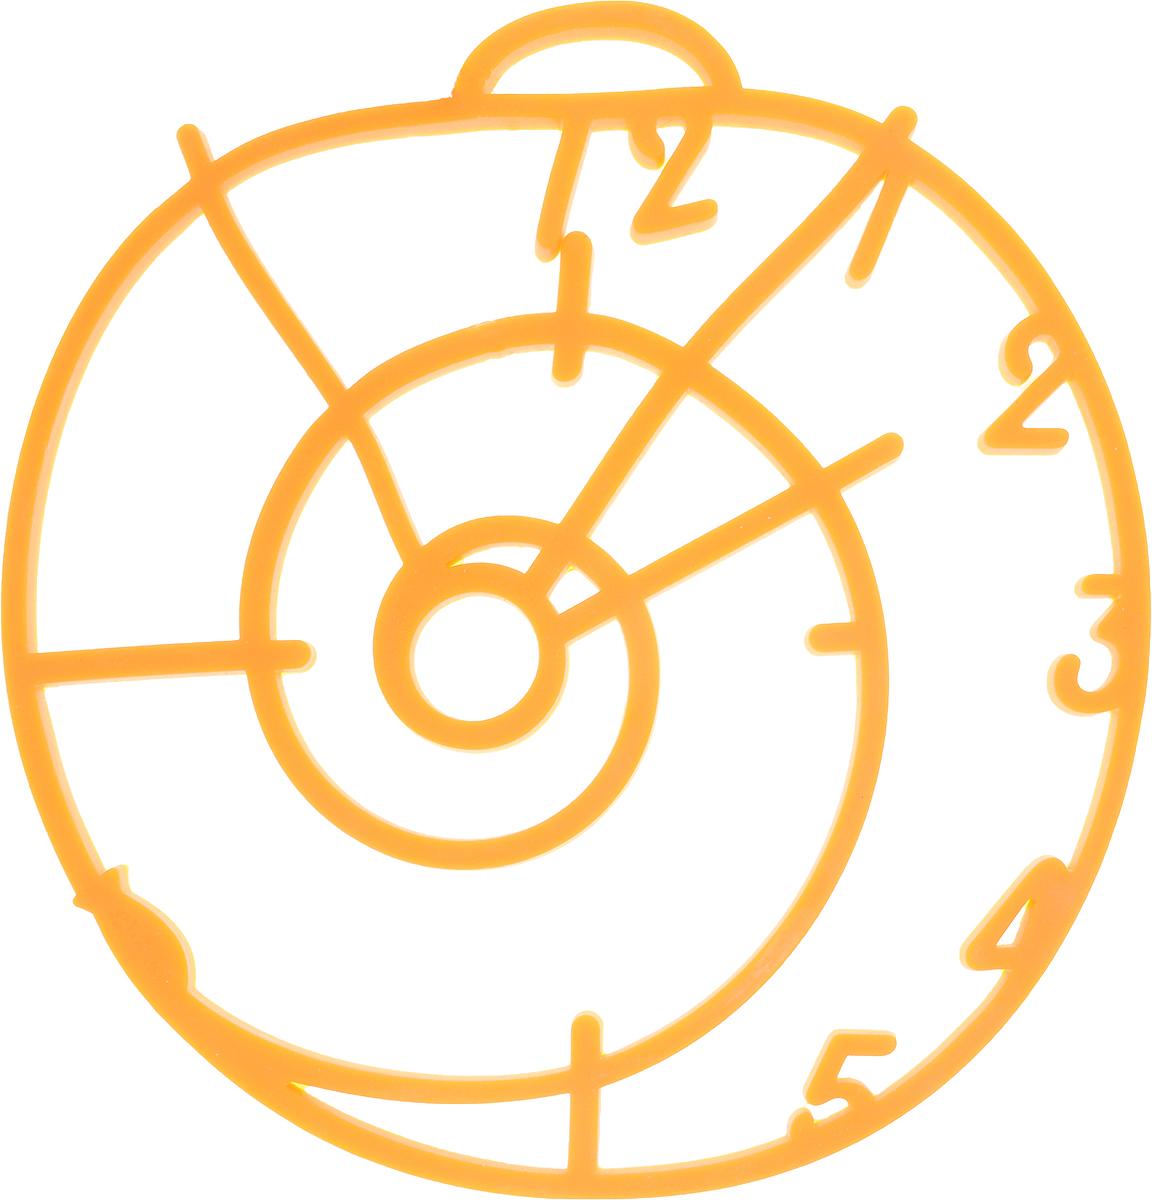 Подставка под горячее Apollo Genio Five minutes, цвет: оранжевый, 17,6 х 19 х 0,5 смFVM-01_оранжевыйПодставка под горячее Apollo Genio Five minutes изготовлена из силикона, современного и комфортного материала, который приятен на ощупь и легко моется. Изделие предназначено для защиты кухонных поверхностей от высокой температуры. Подставка прекрасно подойдет для самых различных кастрюль, тарелок, сковородок и форм для выпечки. Преимущества подставки:- температурный диапазон использования: от - 40 °С до + 240 °С, - невозможно разбить,- не деформируется при хранении в свернутом виде,- долго сохраняет свой первоначальный вид,- не выделяет вредных веществ при нагревании или охлаждении,- не впитывает запахи, не скользит. Уход:- рекомендуется ручная мойка, - не использовать при мытье абразивные моющие средства, - не ставить изделие на открытый огонь или разогретую электрическую конфорку.Размеры: 17,6 х 19 х 0,5 см.